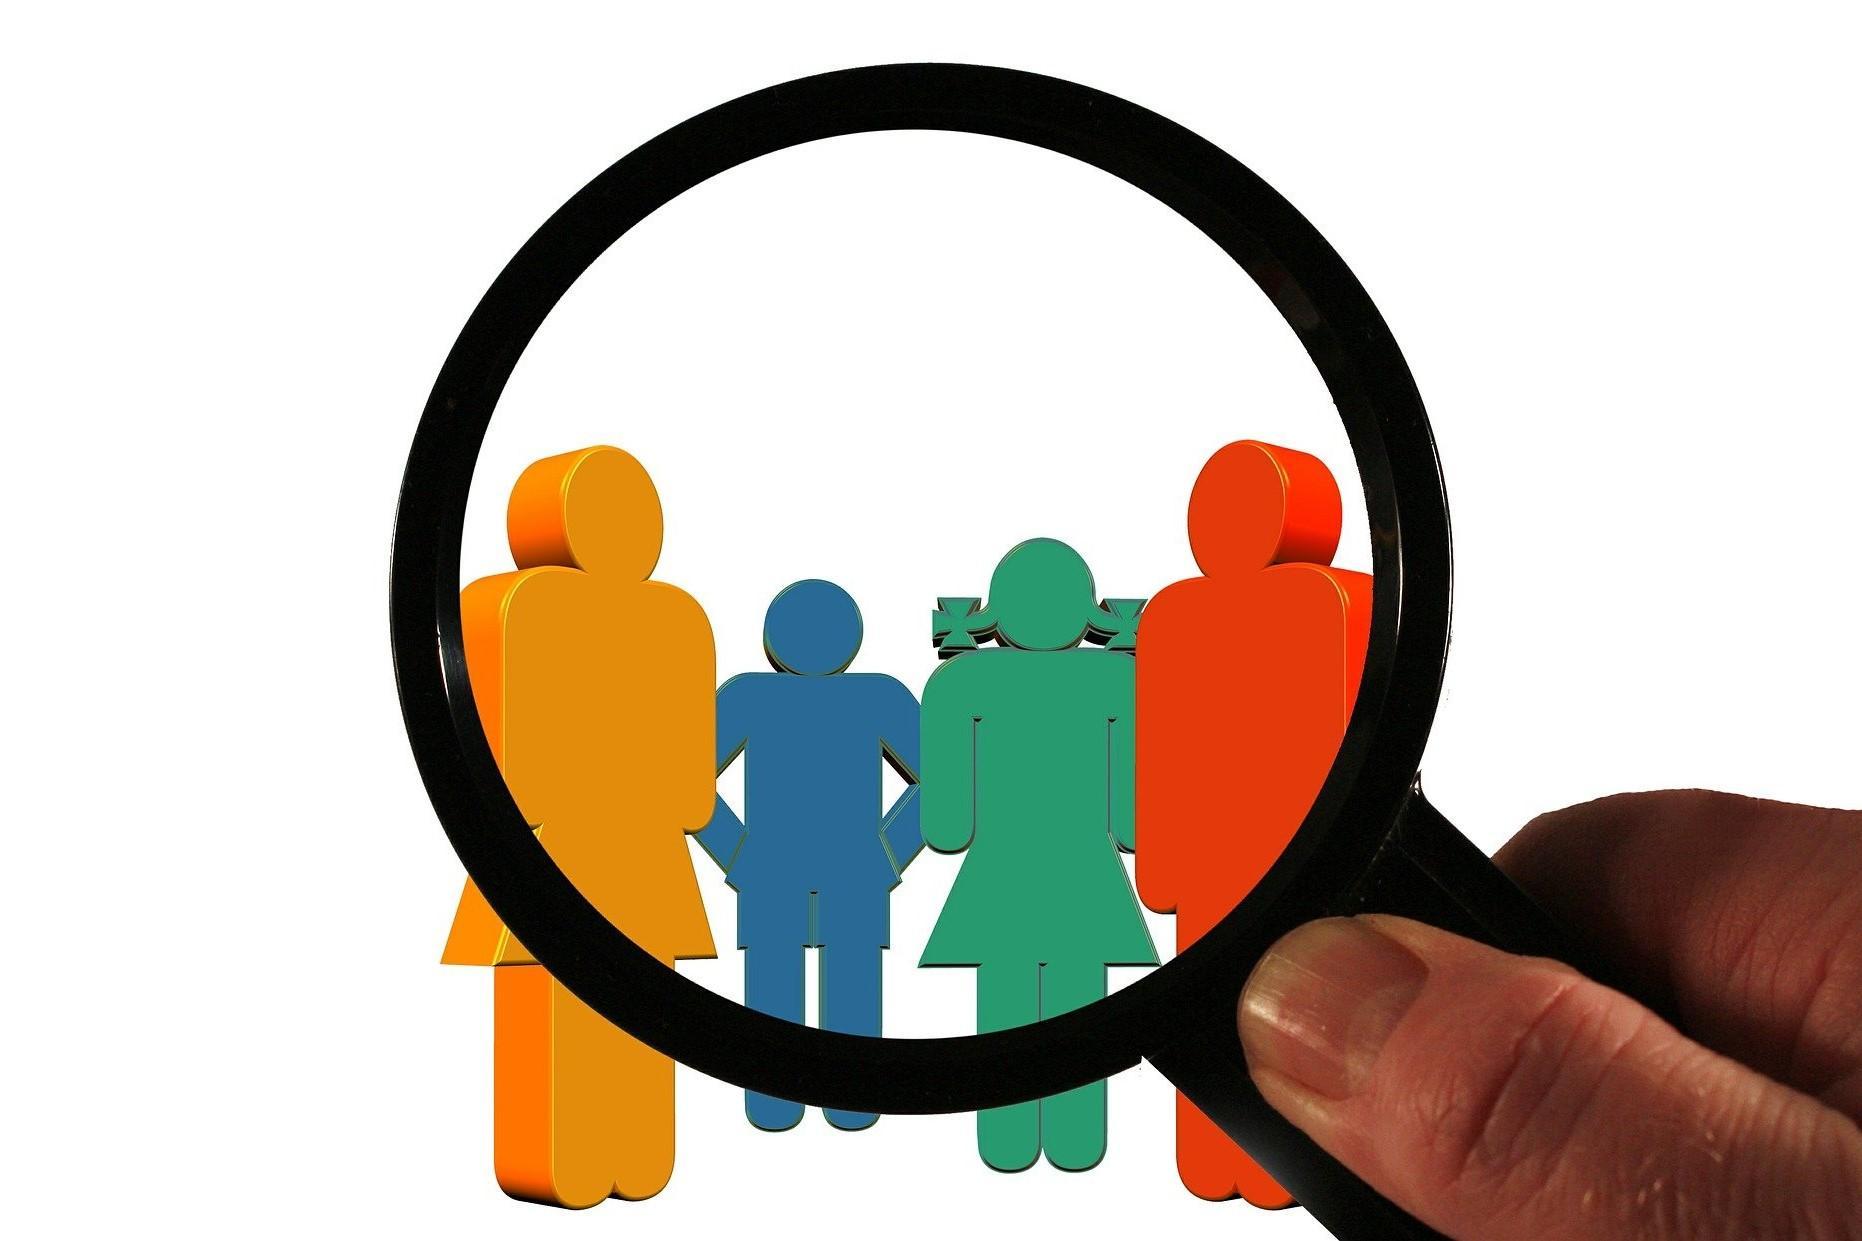 Führungszeugnisse, Quelle: Bild von Gerd Altmann auf Pixabayild von Gerd Altmann auf Pixabay